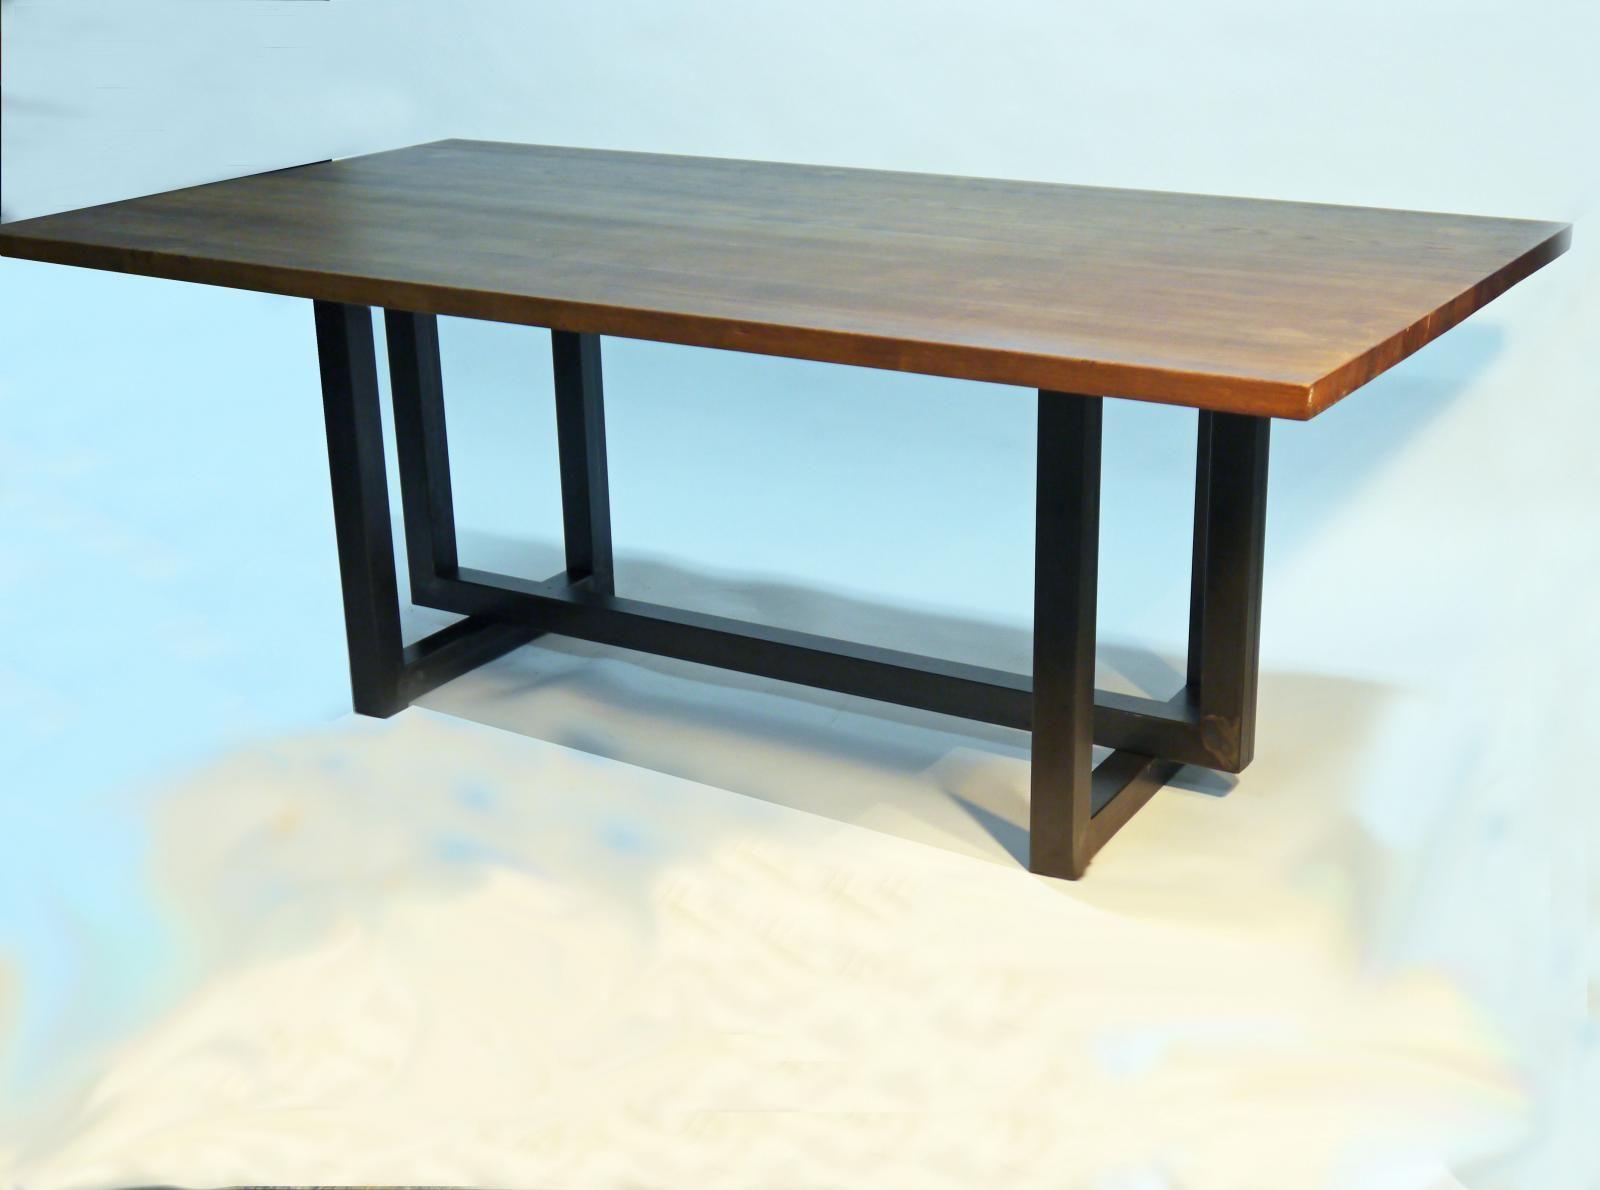 Mesa de comedor manix estilo industrial con sobre de roble for Mesa comedor estilo industrial